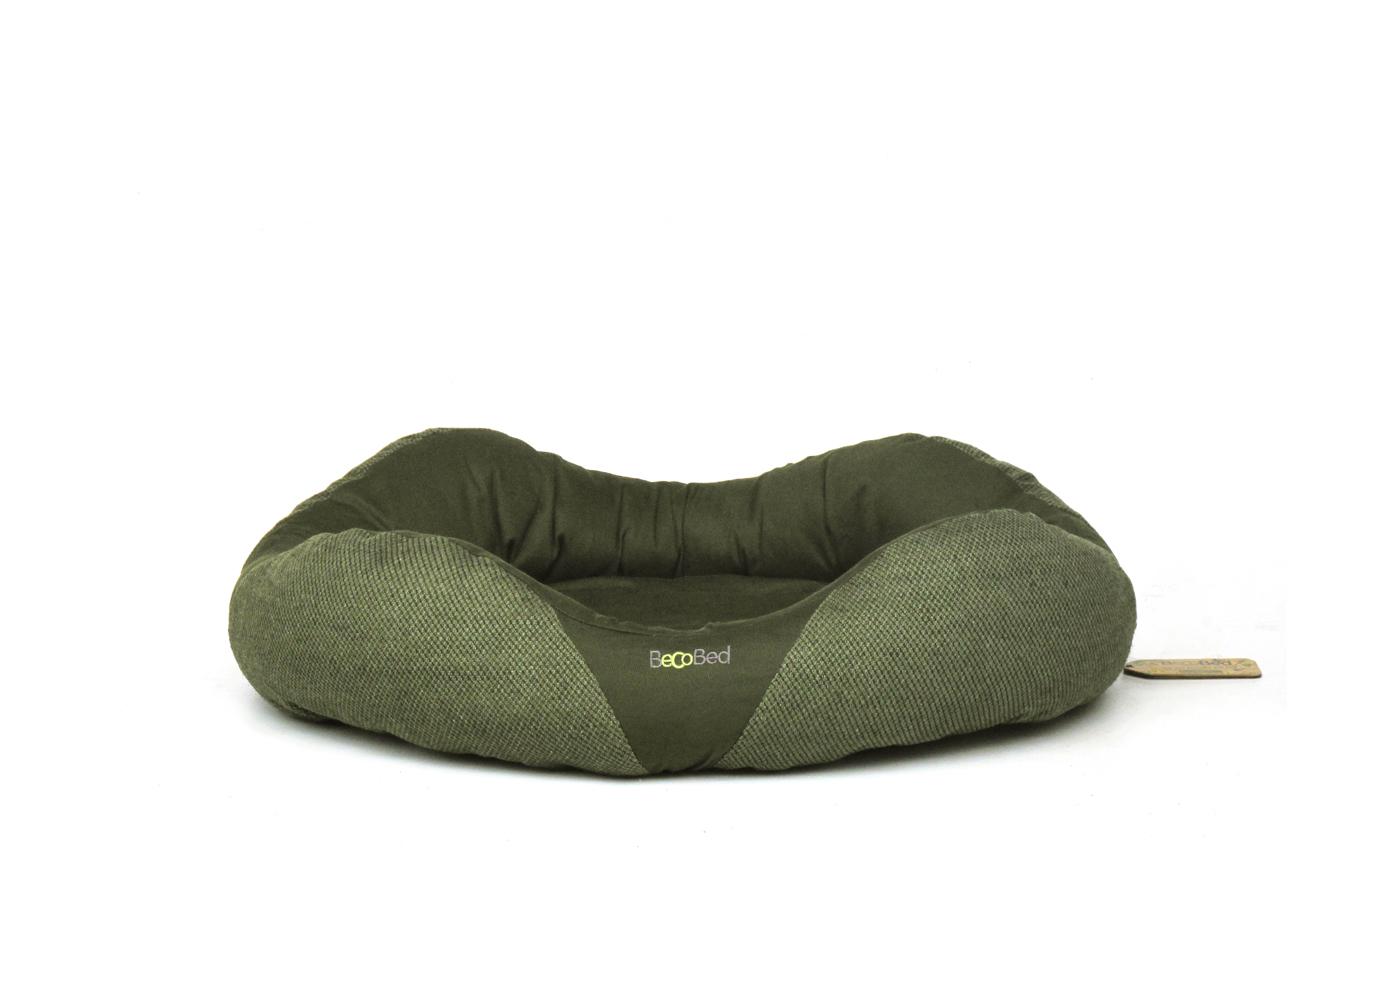 Pelech pro psa, Beco Bed Donut S 45cm - Zelená